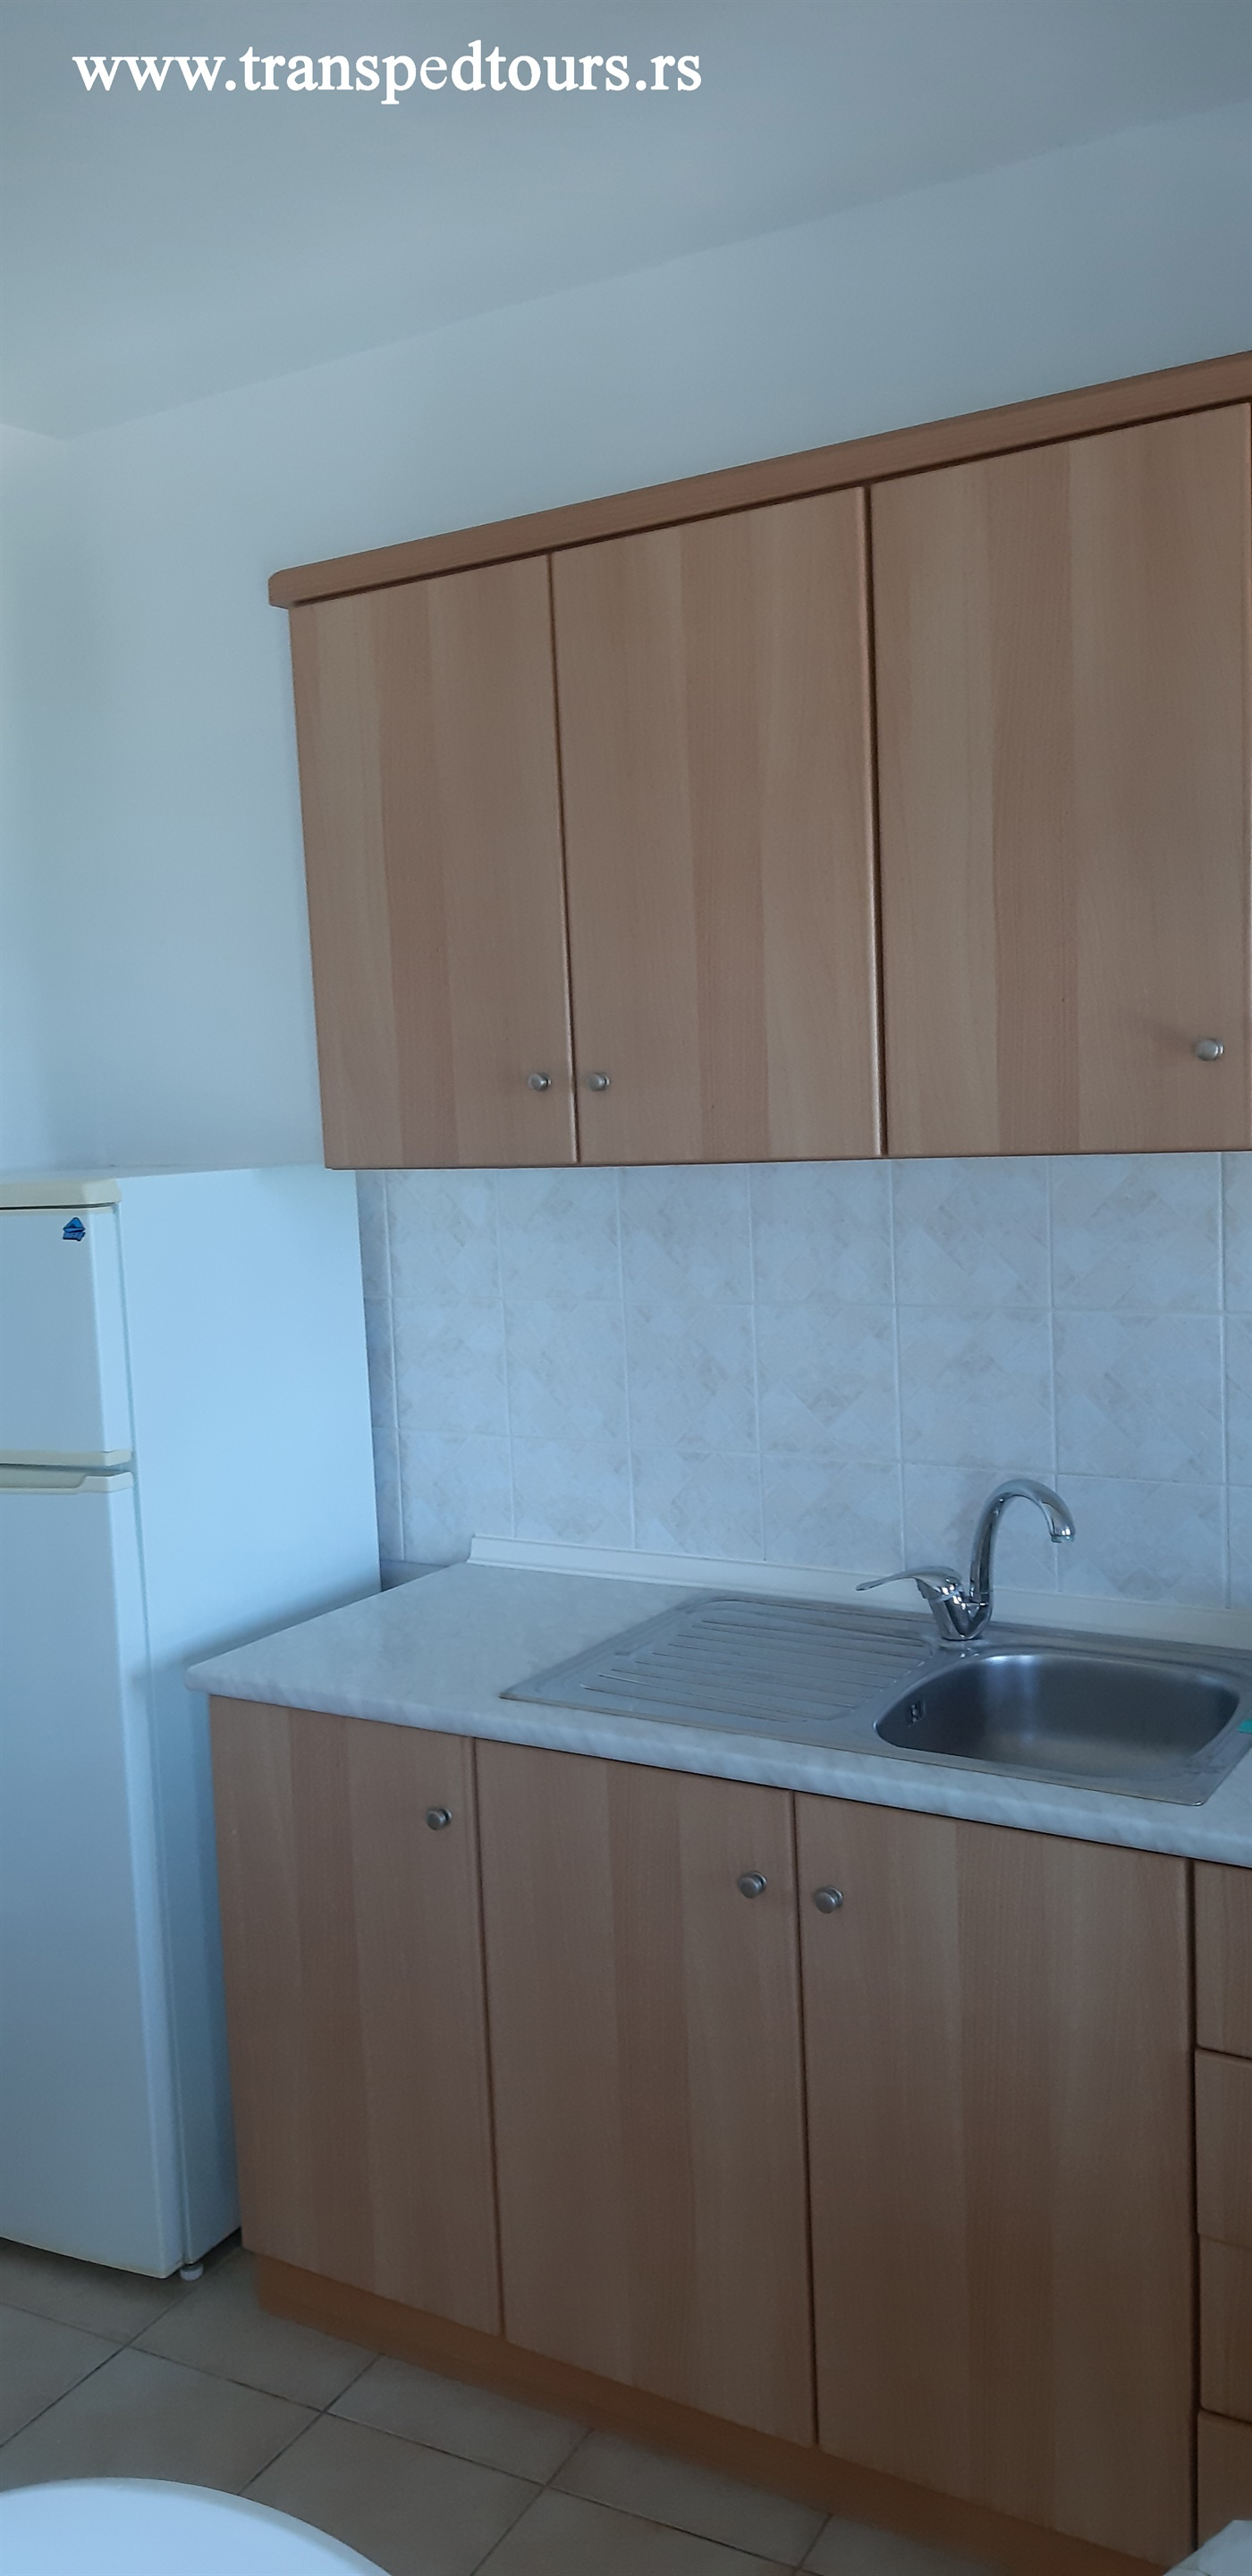 Trokrevetni apartmani se nalaze na prvom spratu u čeonom delu kuće i sastoje se od odvojene kuhinje (šporet sa ravnom pločom i rernom, veliki frižider i potrebno posuđe) sa stolom za ručavanje i spavaće sobe sa dva ležaja (francuski i singl), kupatila i terase na koju se izlazi iz kuhinje i iz spavaće sobe.